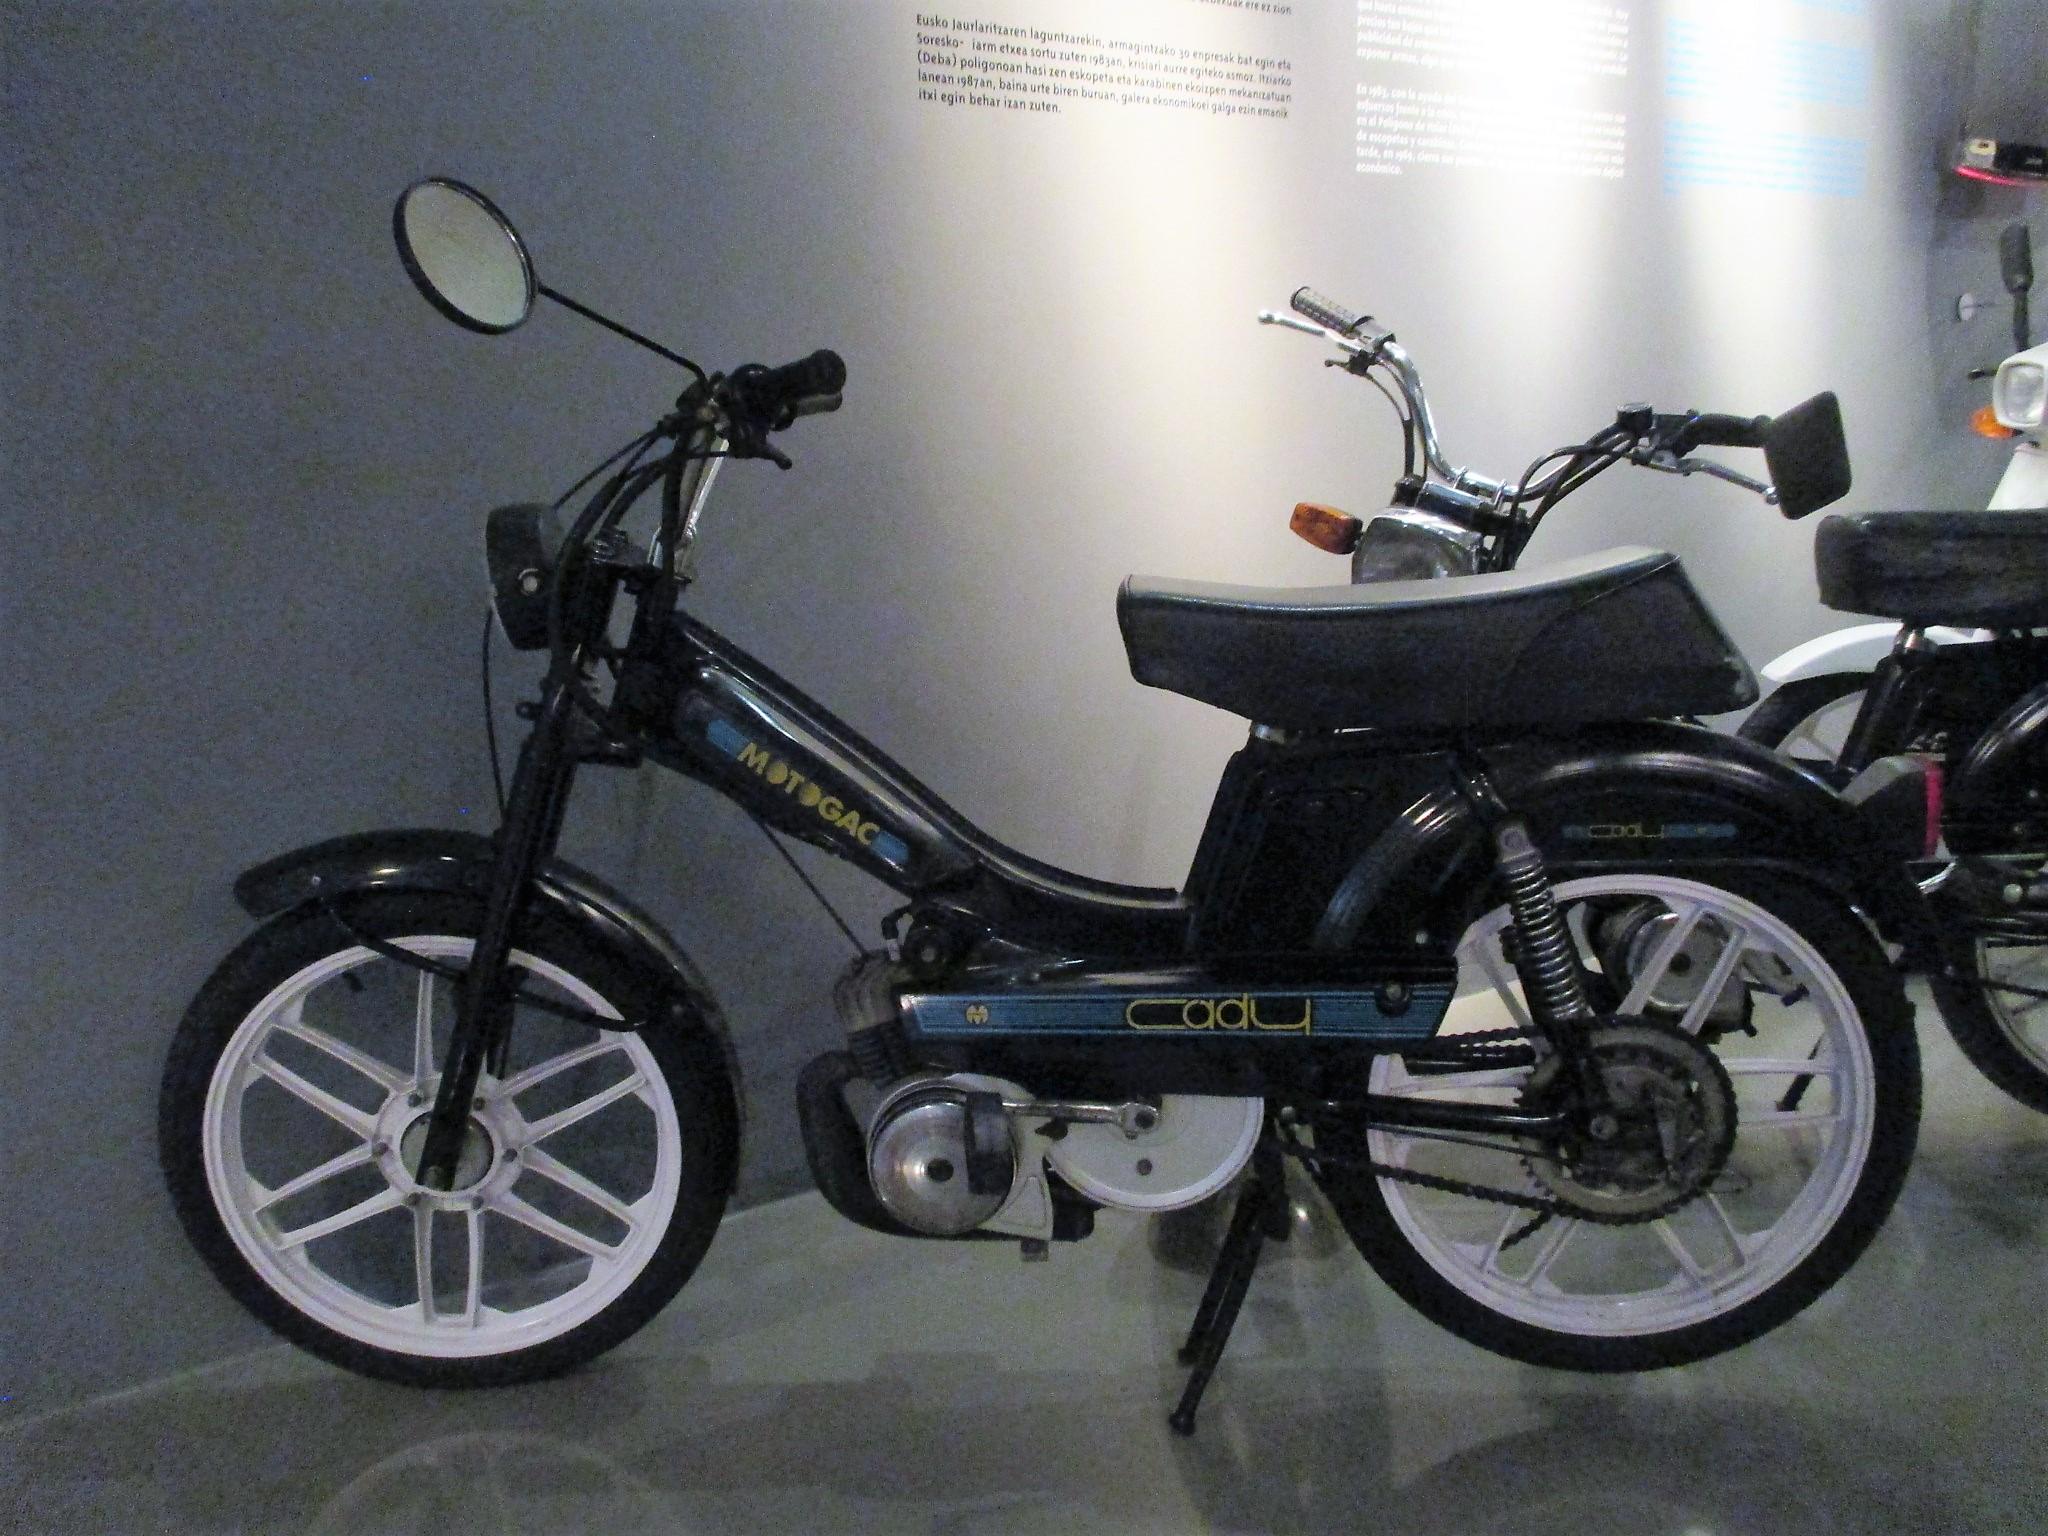 MOTOCICLETA MODELO GAC CADY